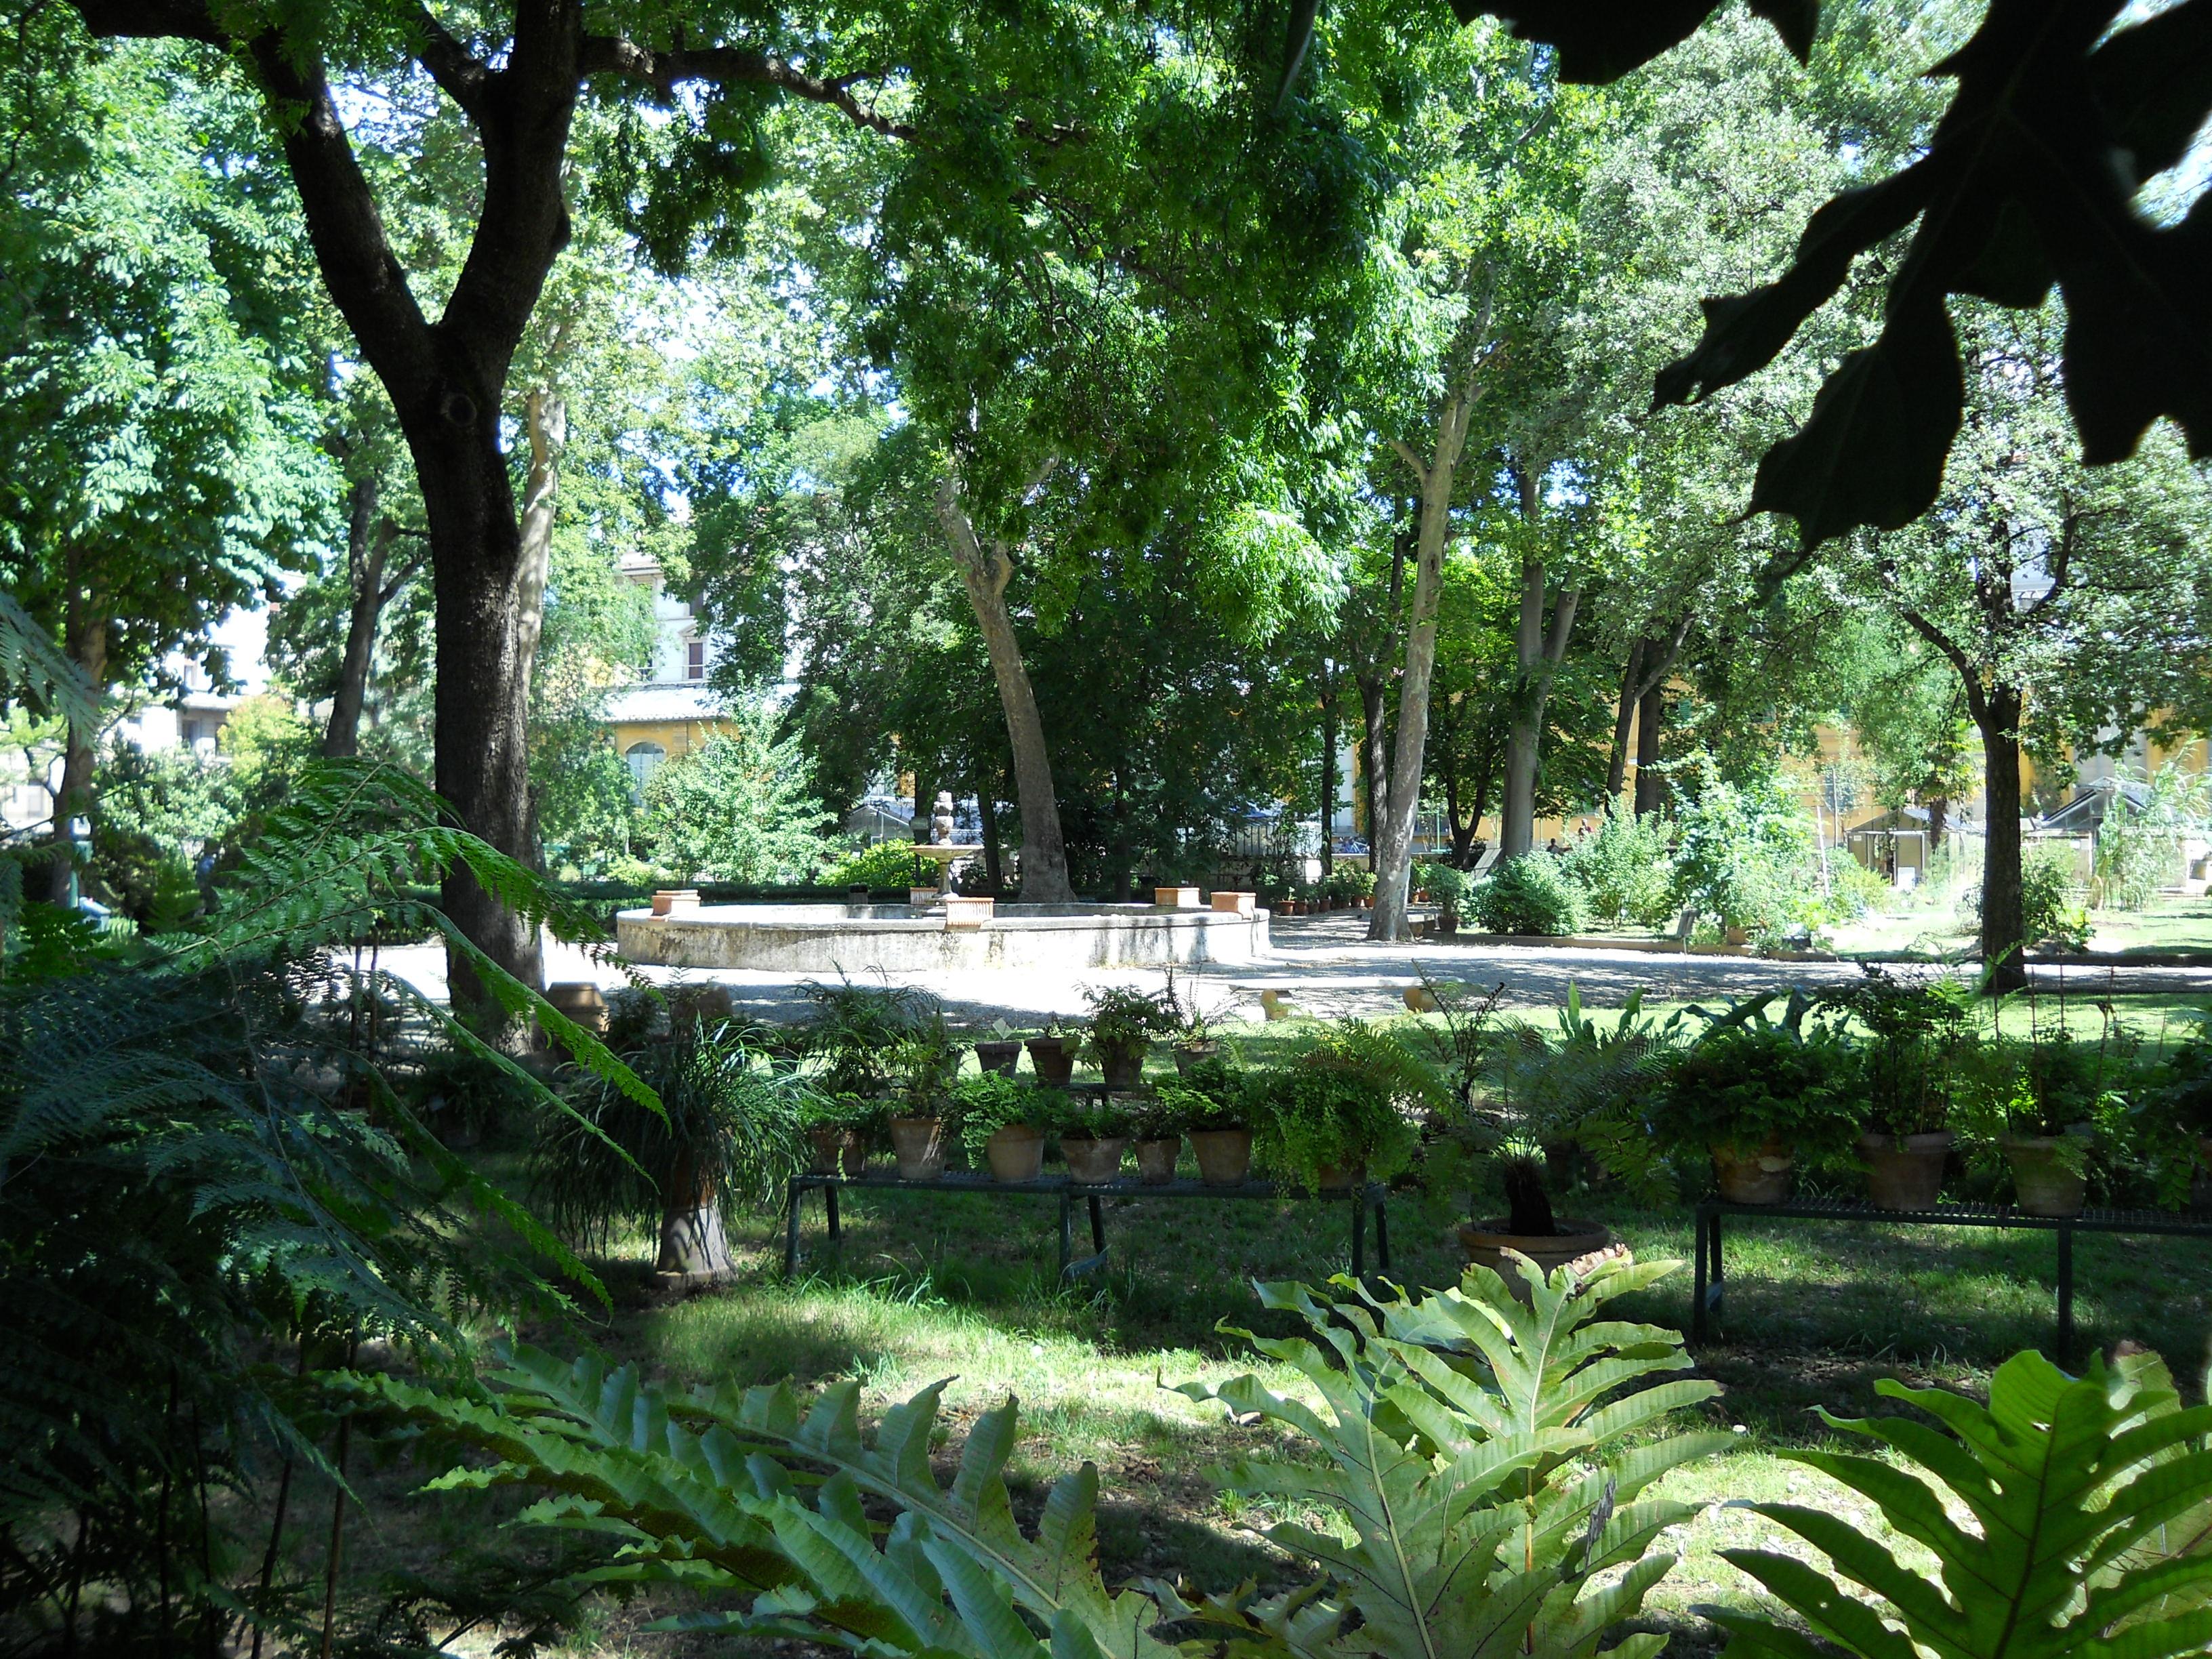 Novaradio città futura estate al giardino dei semplici dove la